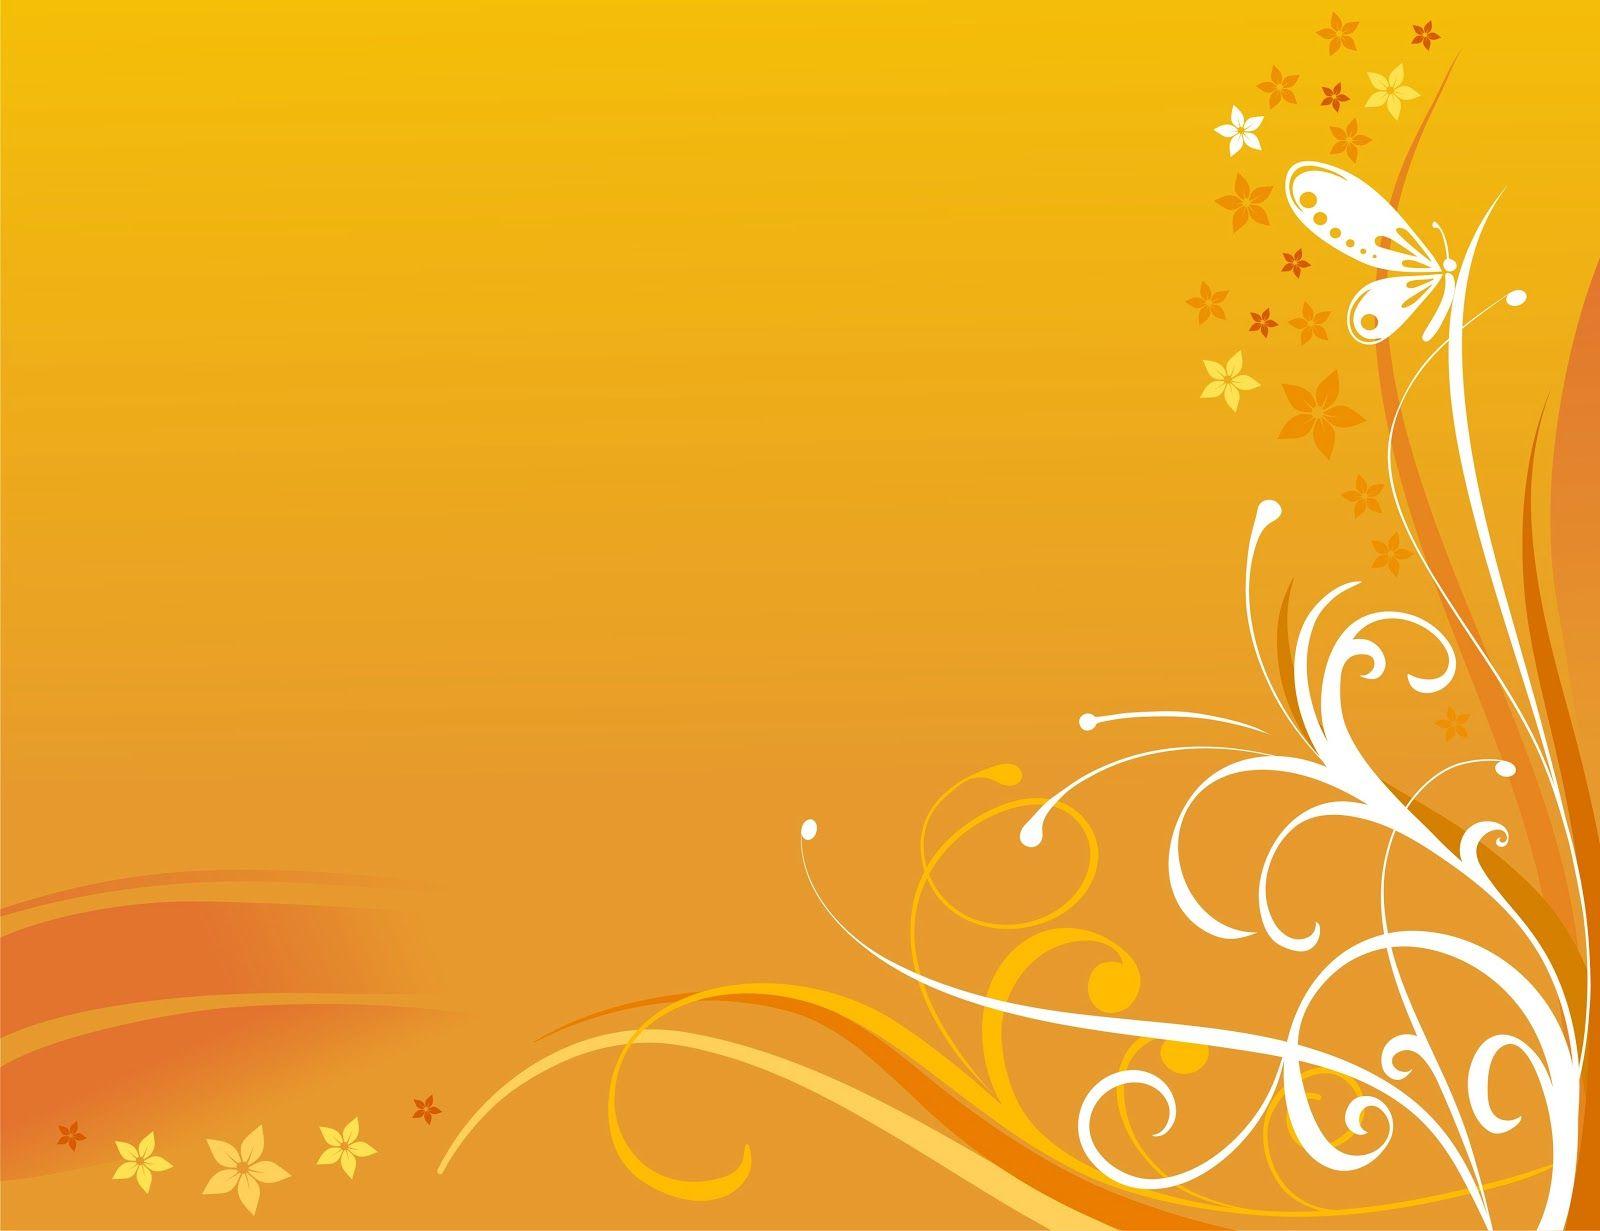 f5091d0602e75 Fondos Abstractos Corel Draw - Wallpaper Hd Para Bajar Gratis 3 HD  Wallpapers